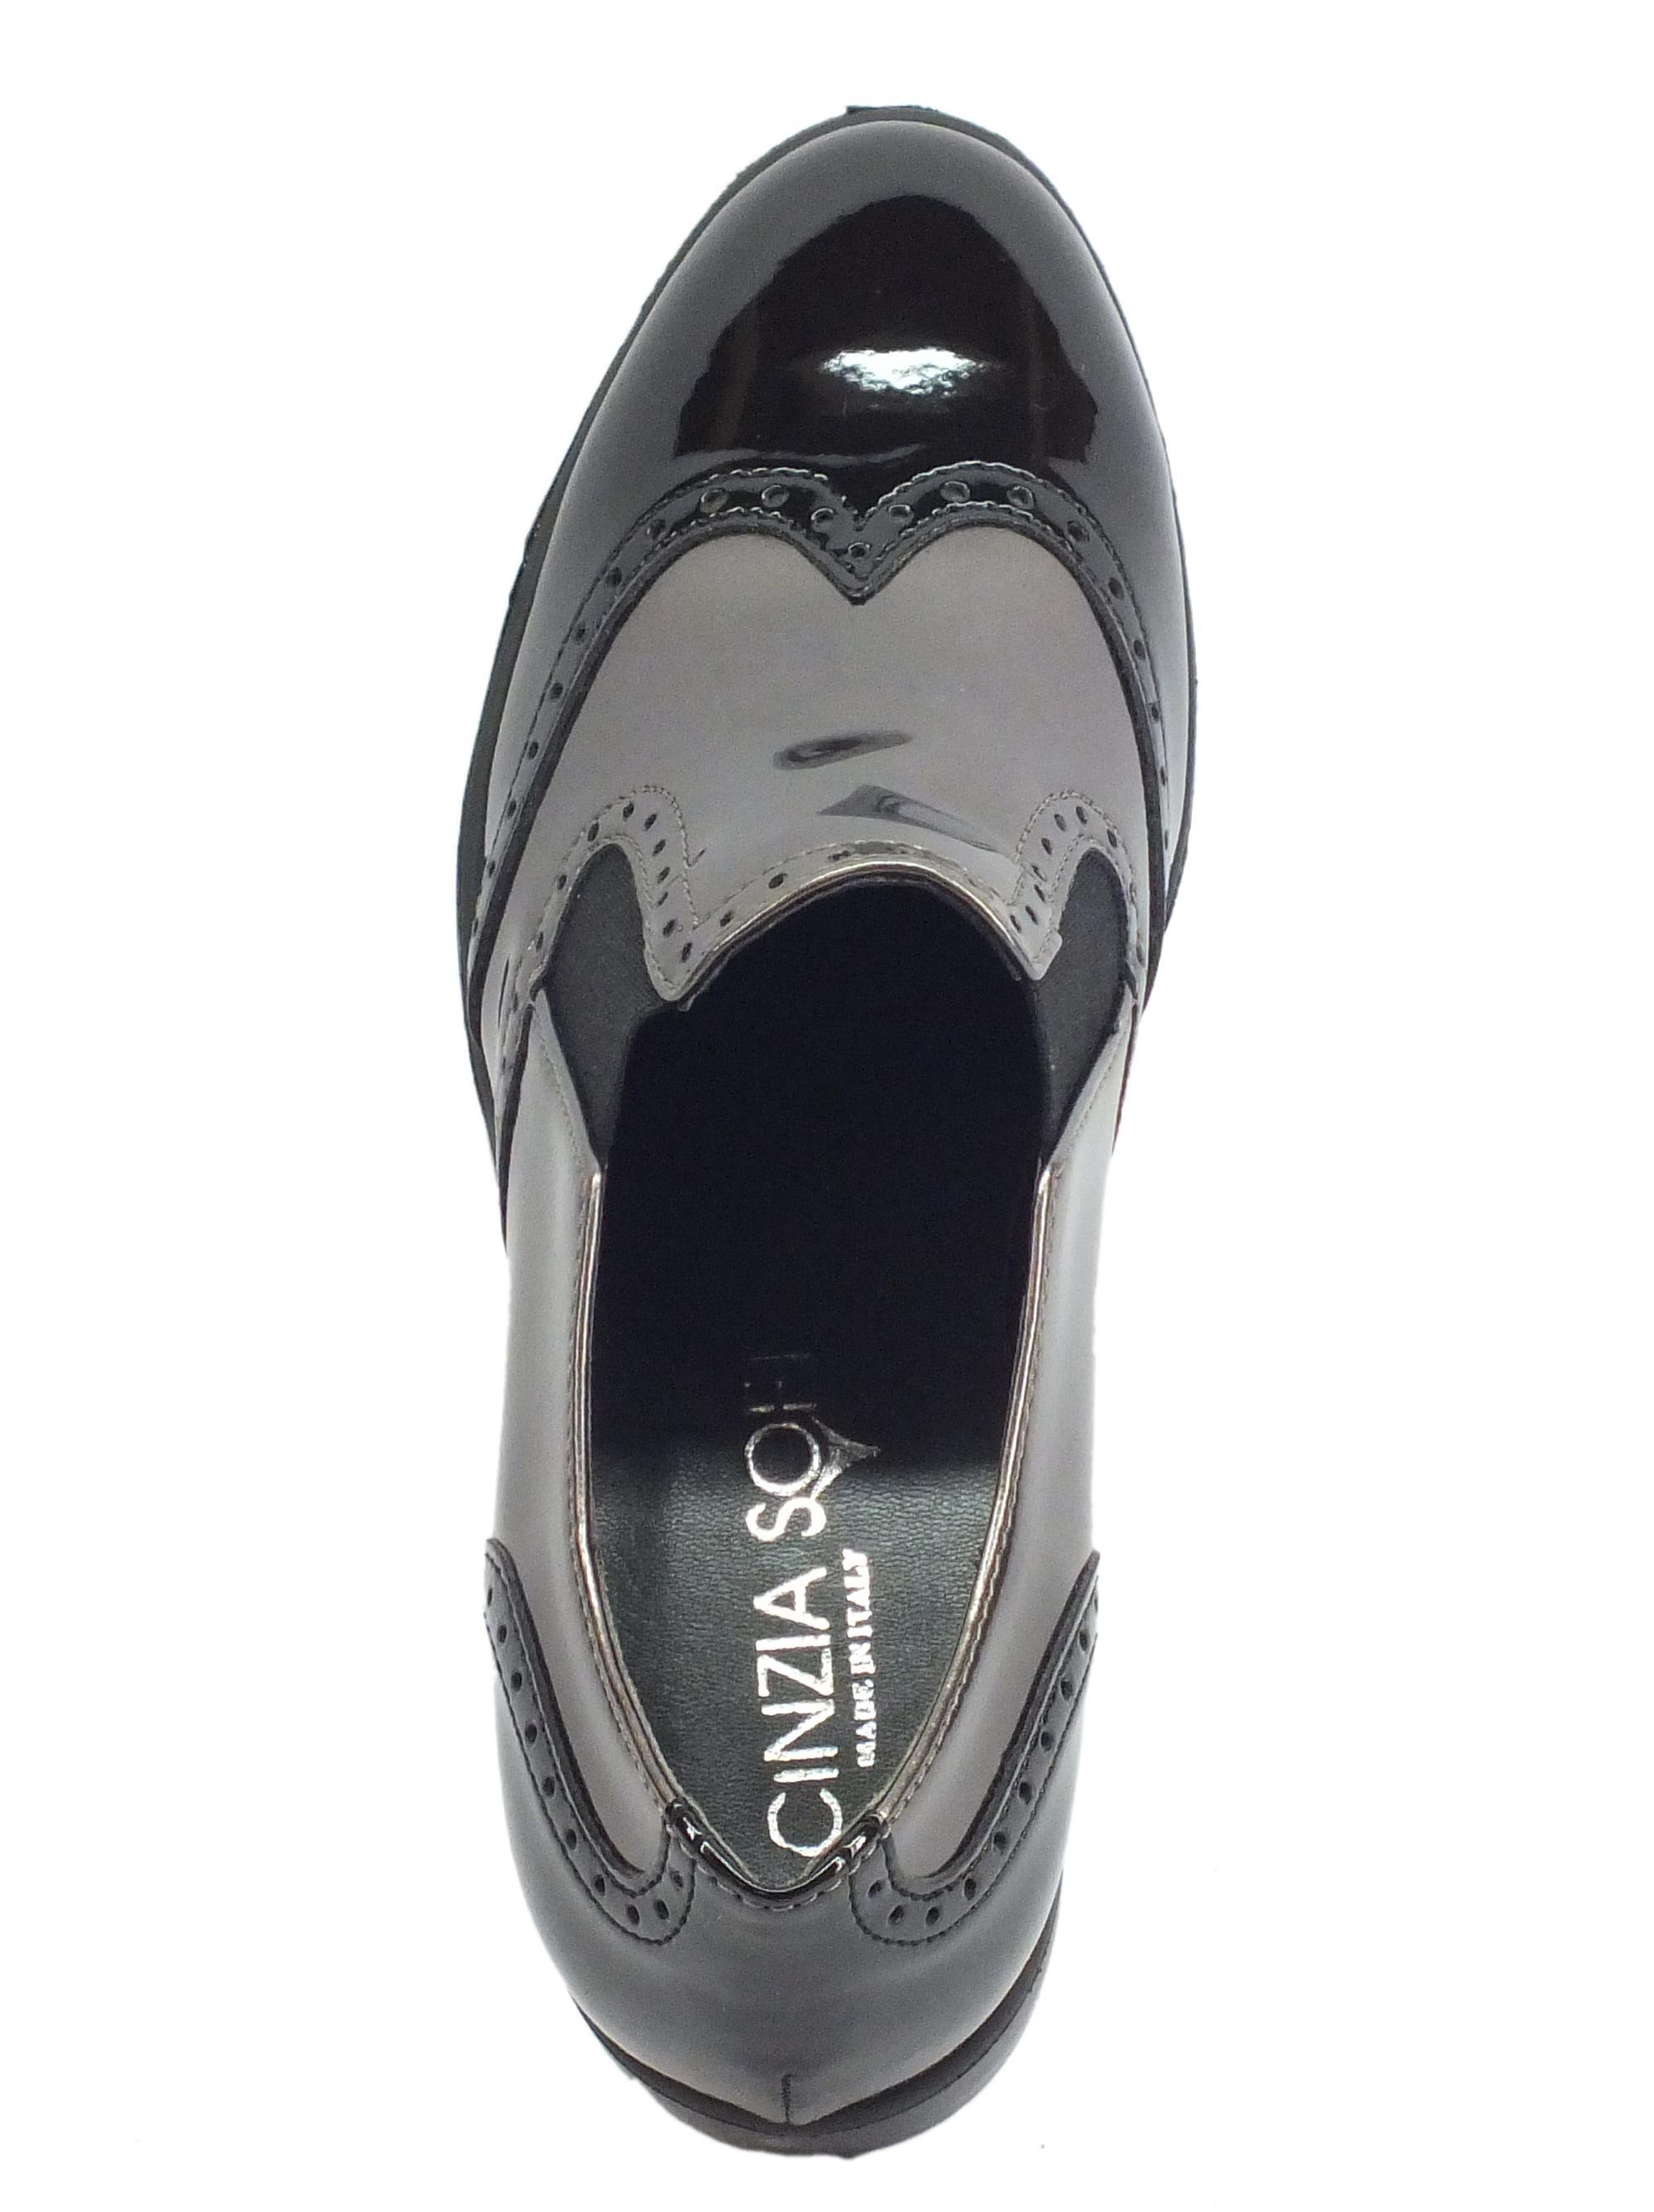 ... Cinzia Soft mocassini donna in vernice nero e bordò lavorazione duilio dc721a992ac